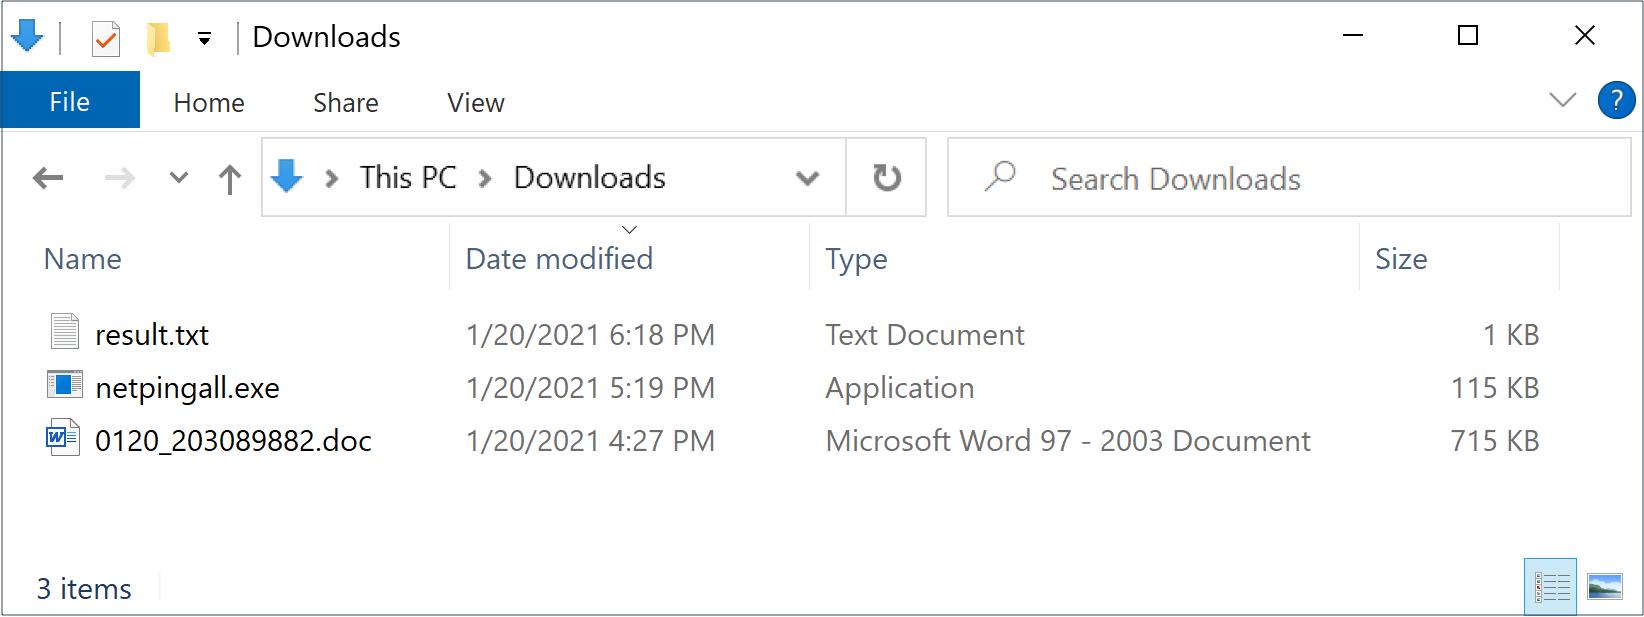 1週間後の1月20日、同じツールの新しいサンプルが、ここに示すようにnetpingall.exeという名前になりました。